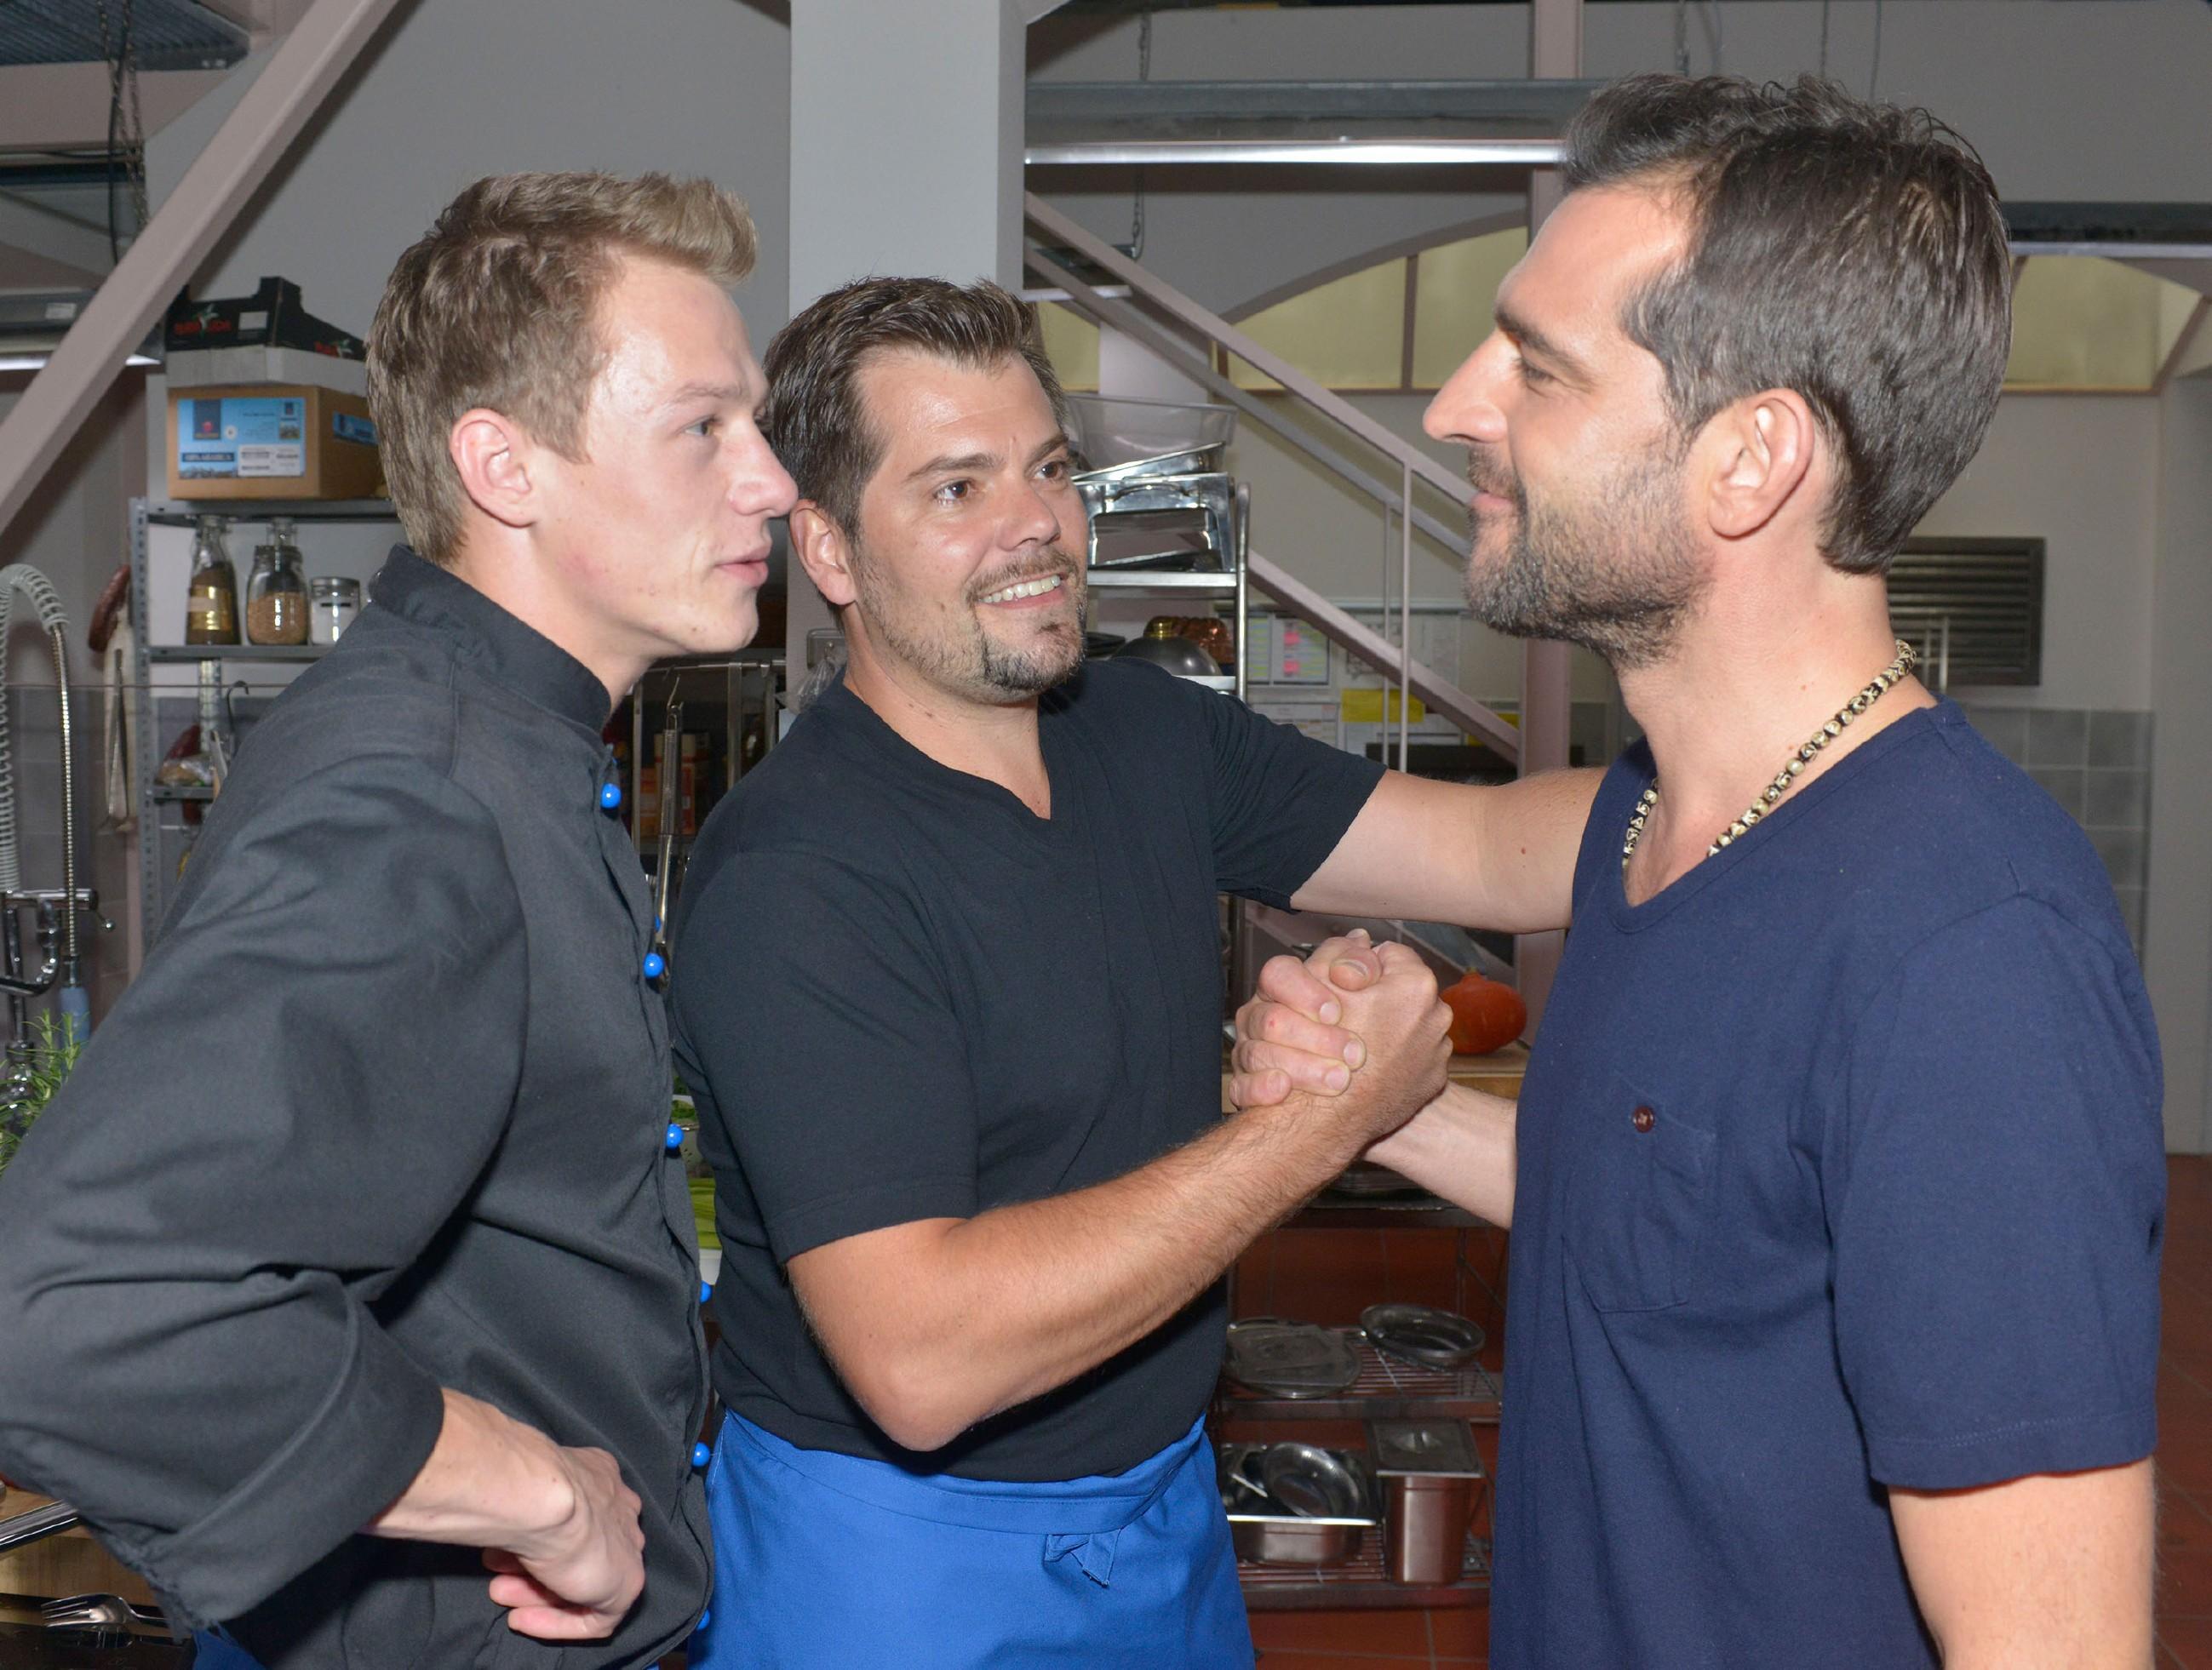 Vince (Vincent Krüger, l.) und Leon (Daniel Fehlow) freuen sich, dass der bekannte Koch Martin Baudrexel (r.) zum Essen ins Mauerwerk kommt.